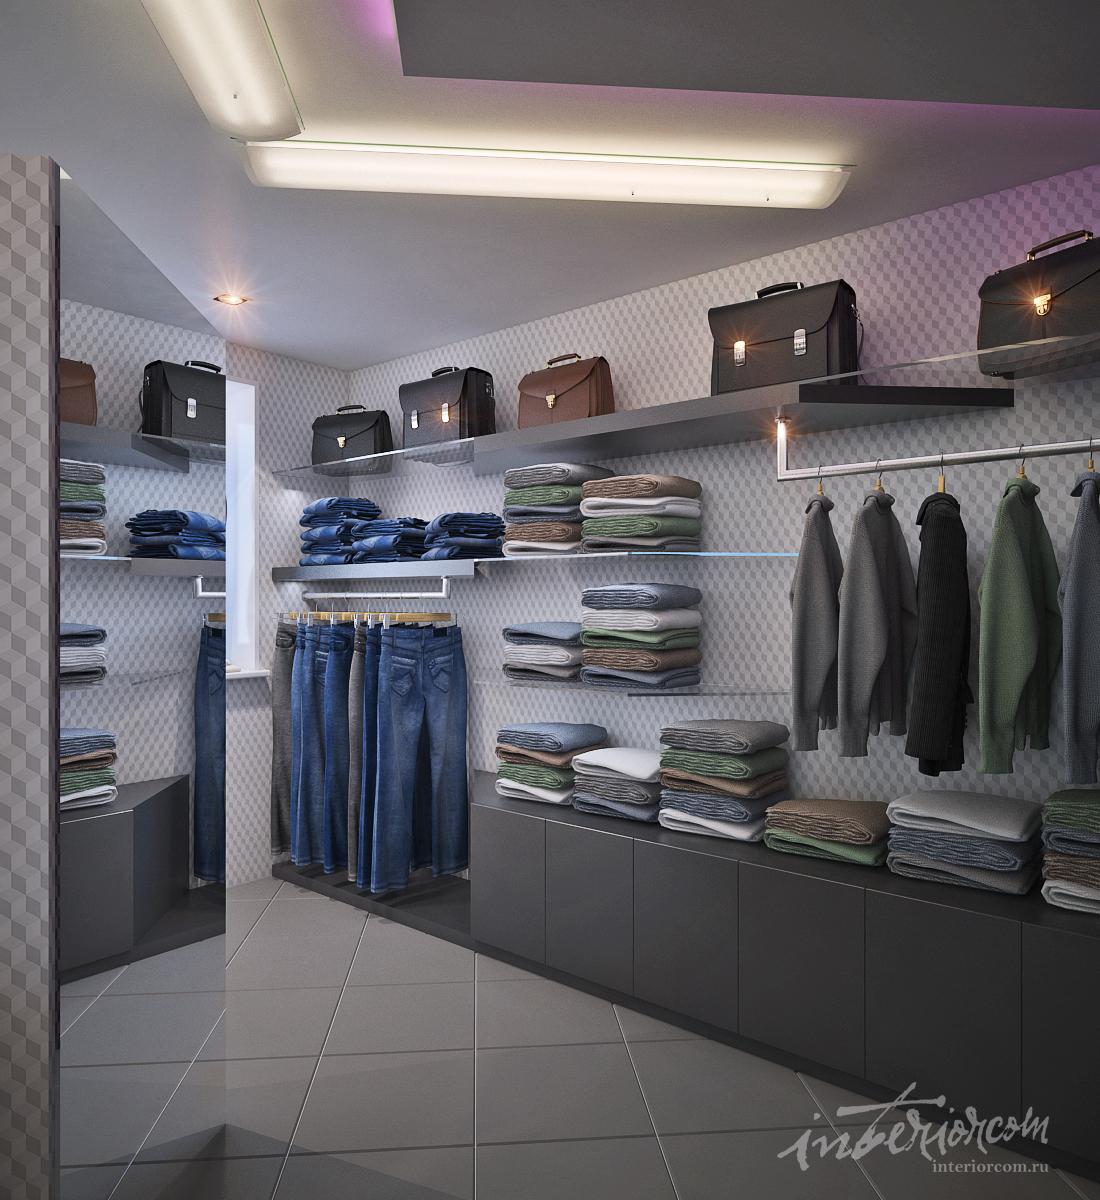 4476c73aafc Магазин мужской одежды  дизайн-проект студии Интерьерком